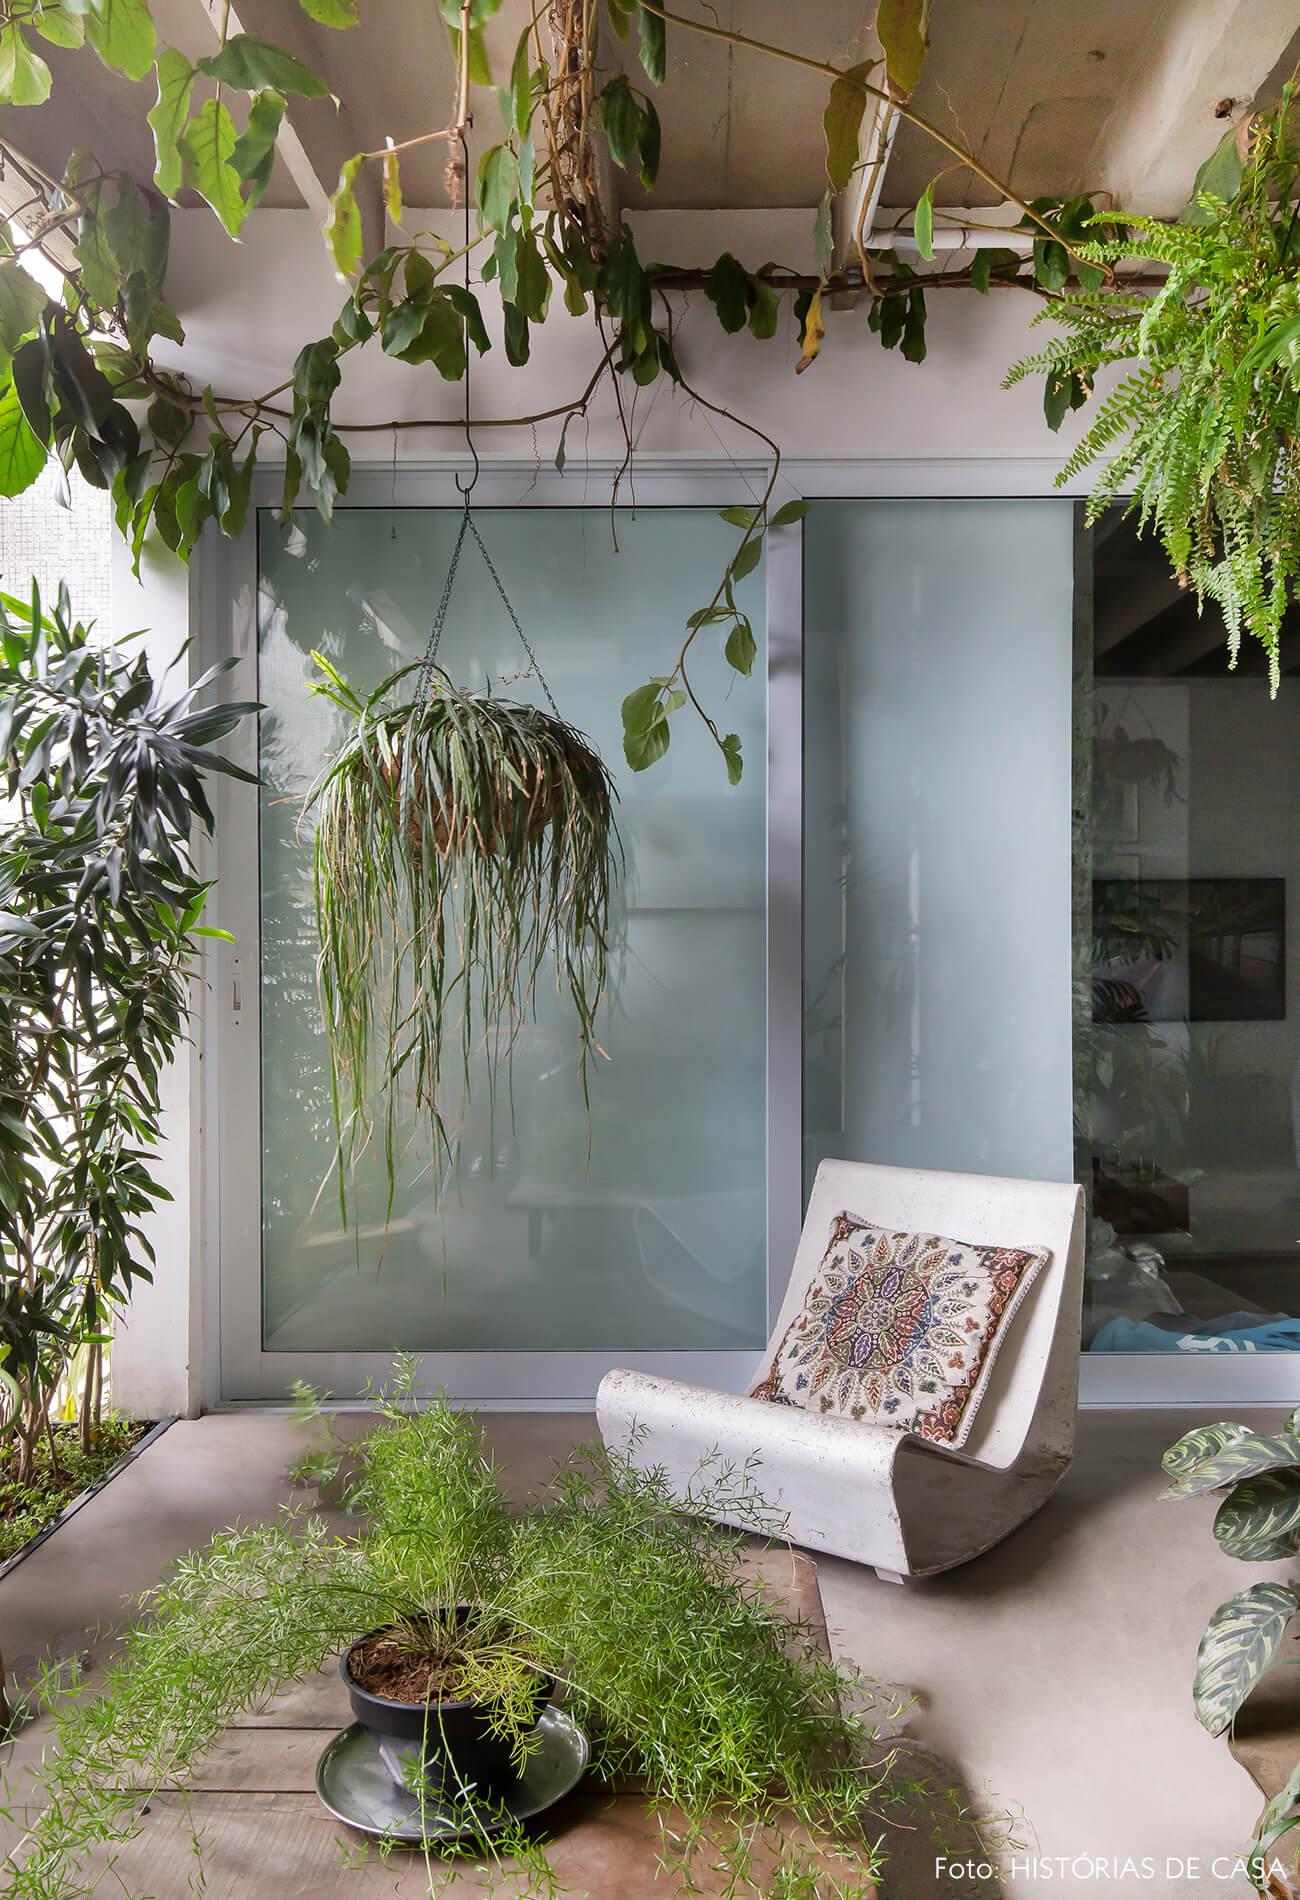 Ap decoração copan jardim interno com plantas e cadeira branca